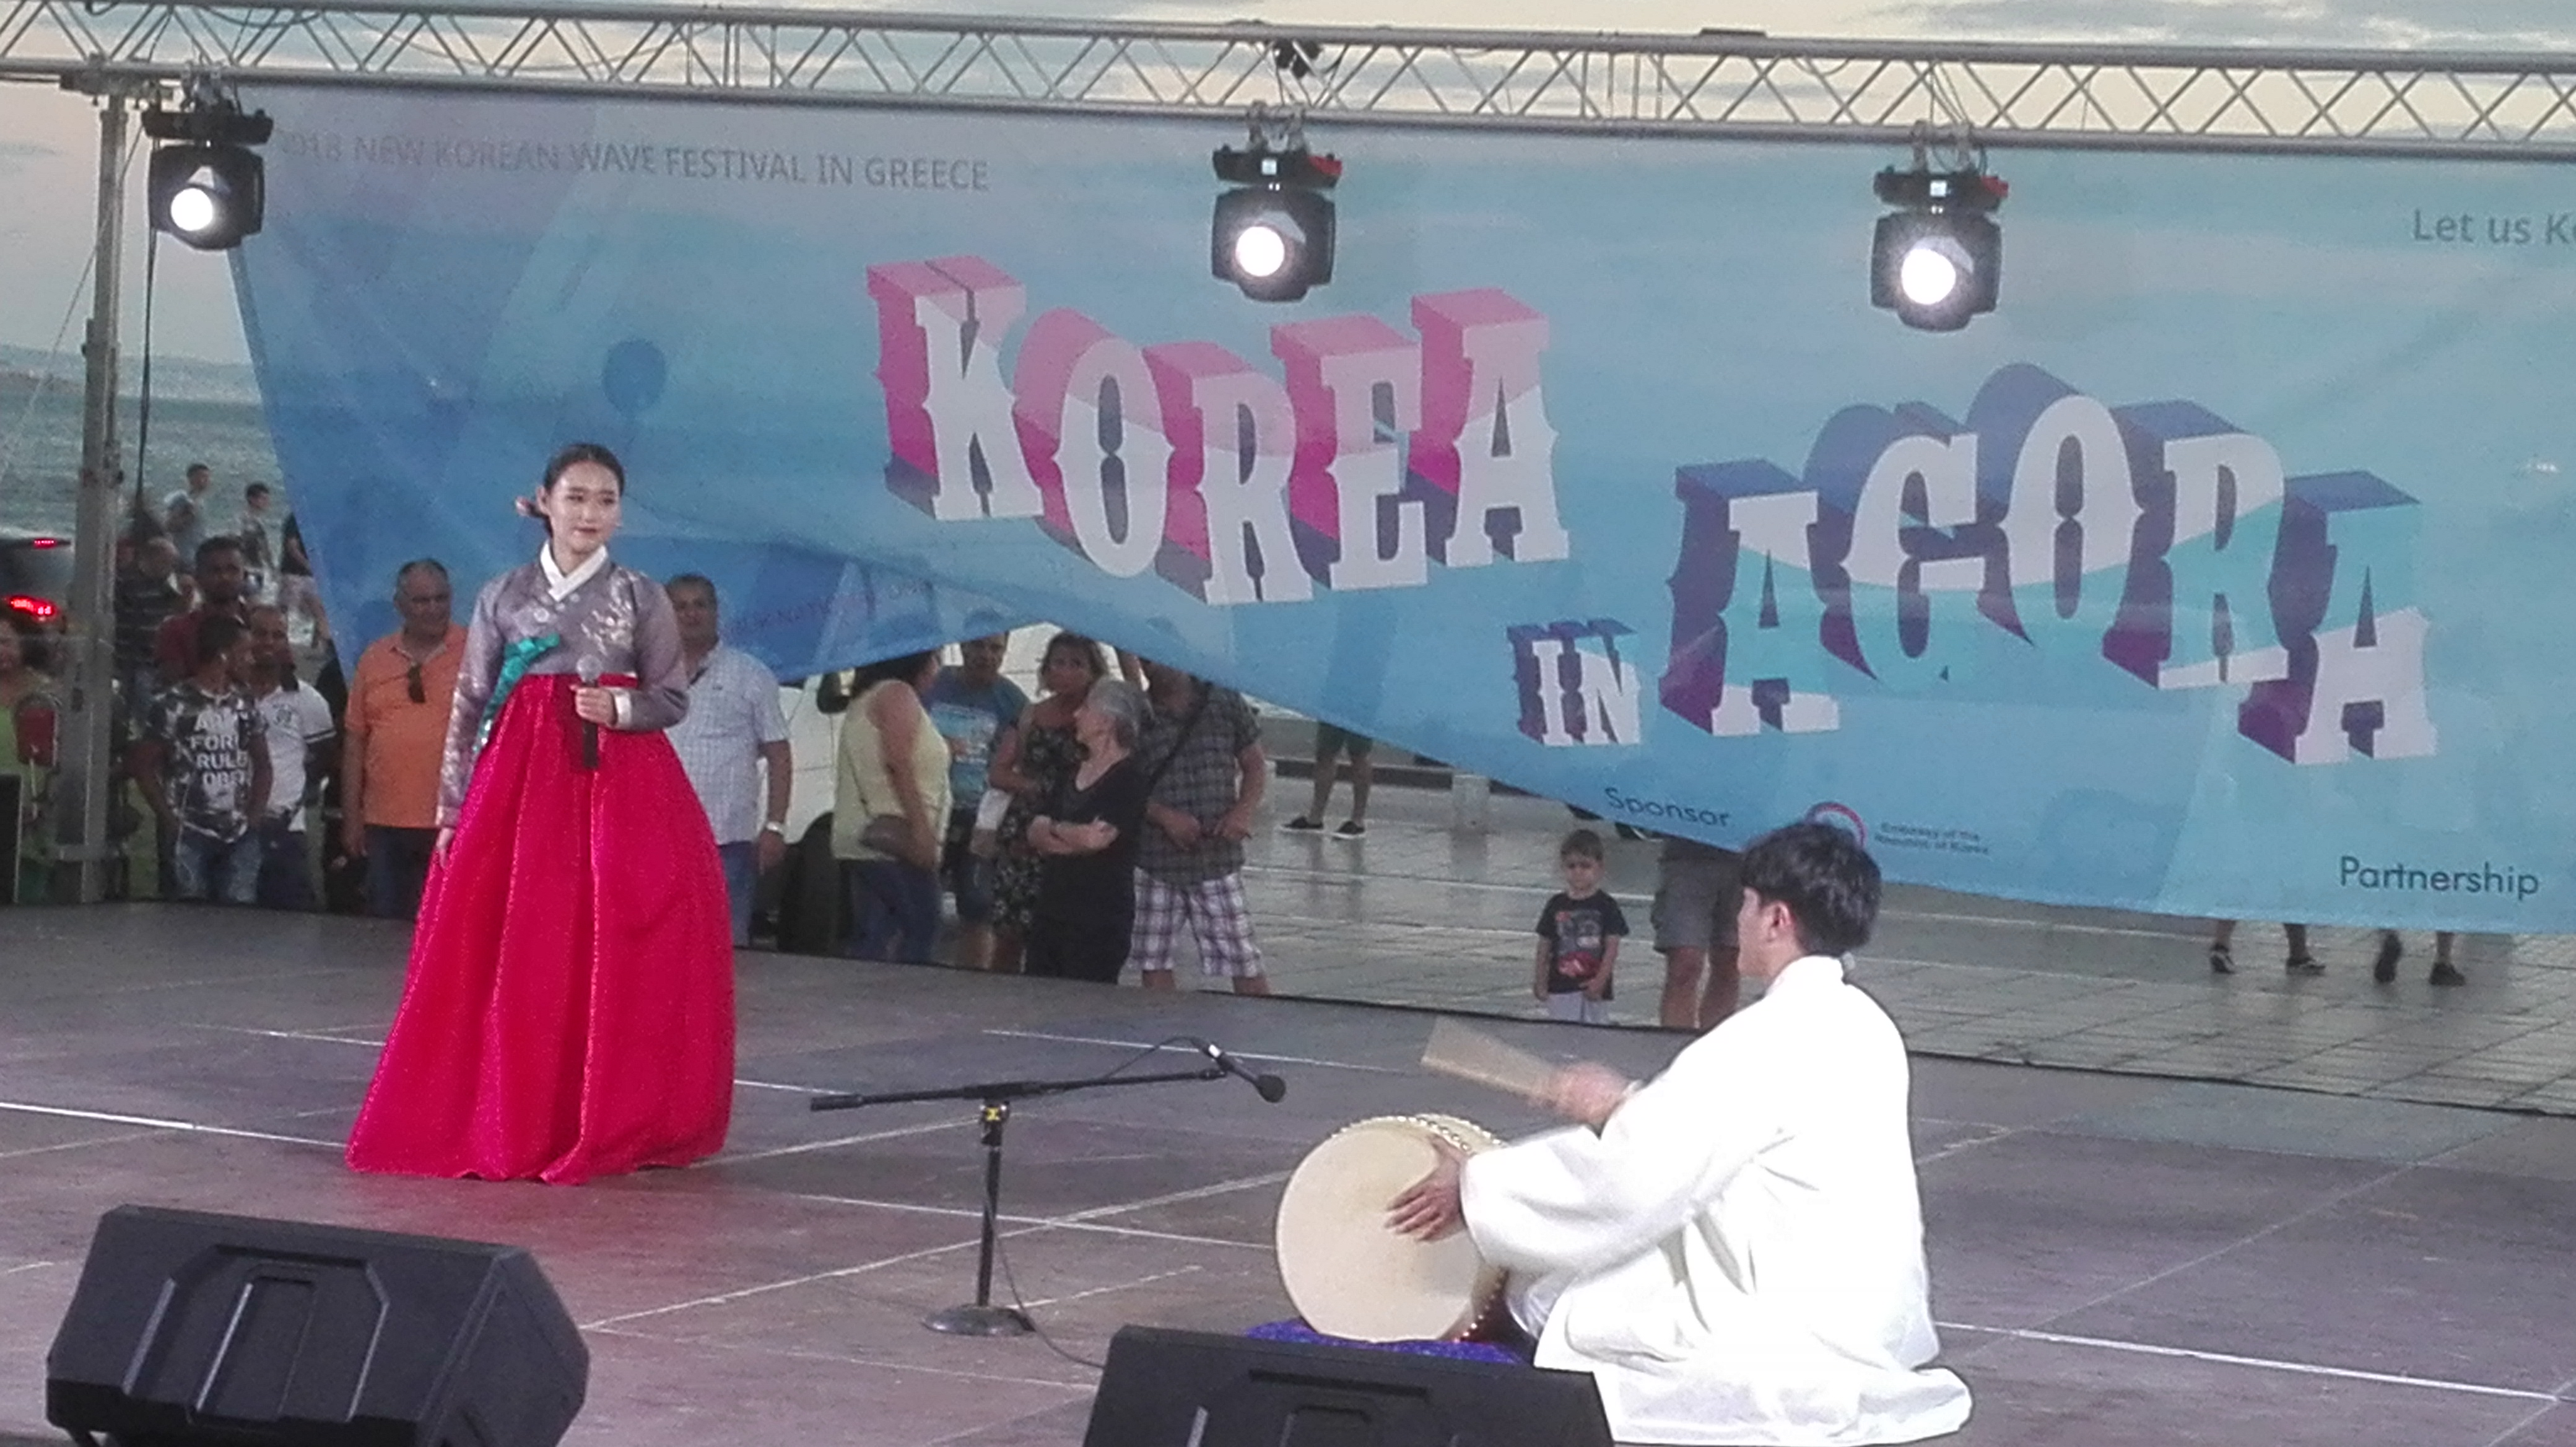 Korea in Agora